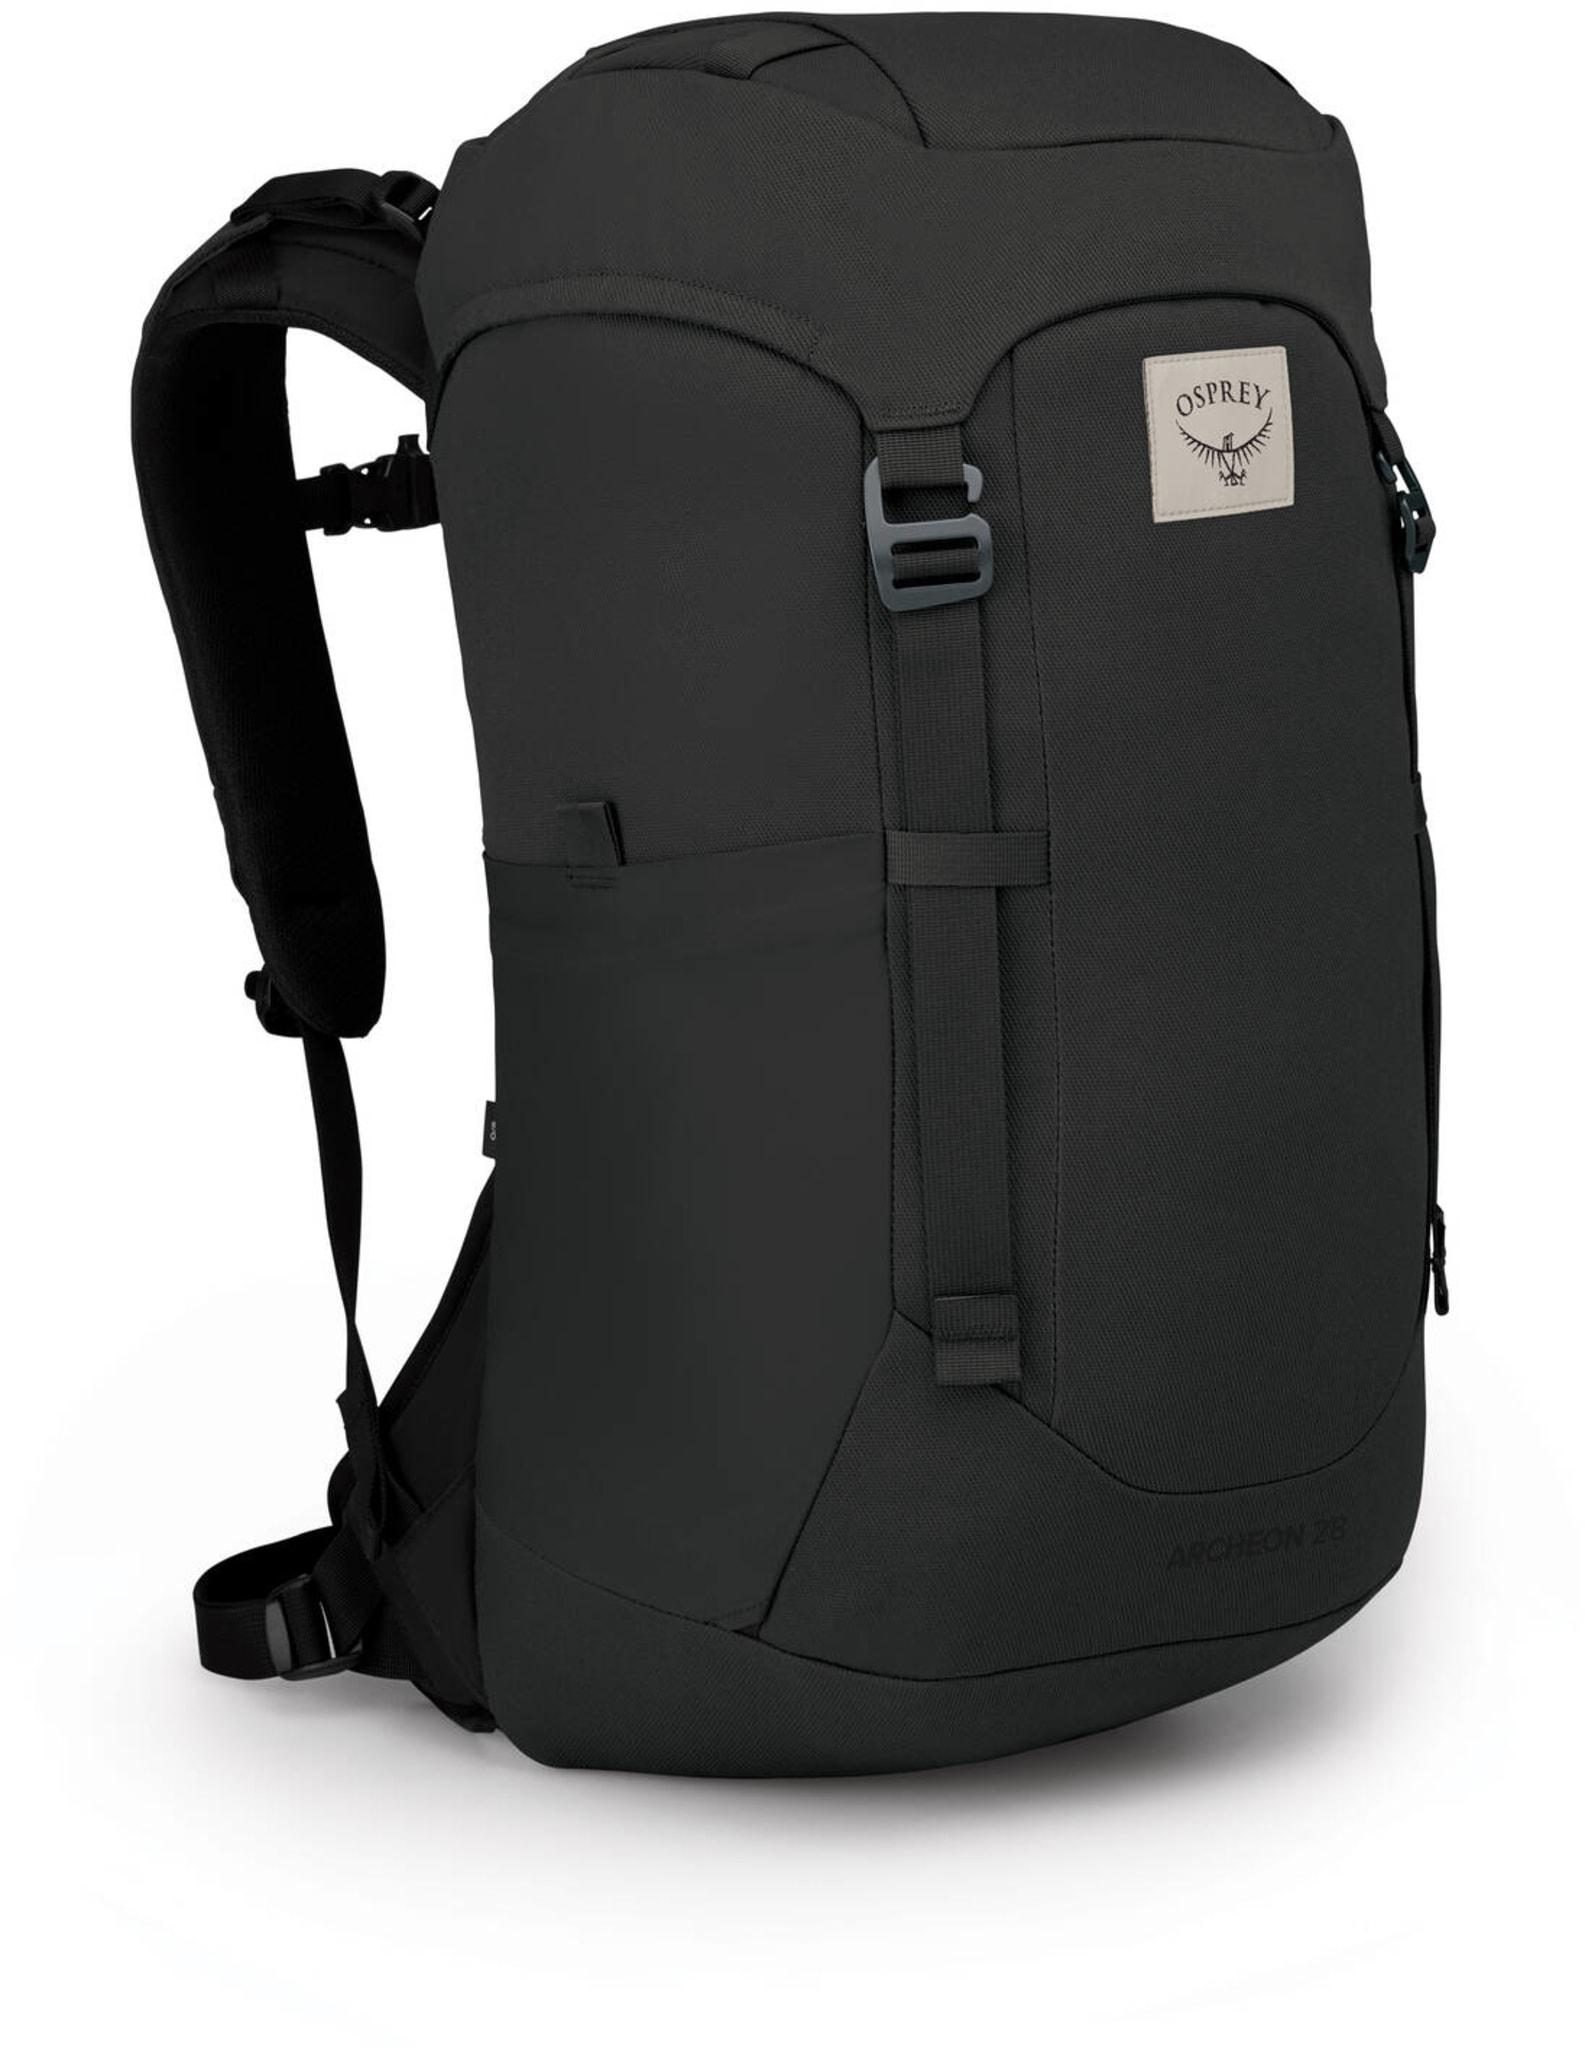 Allsidig sekk med polstret laptoplomme og komfortabel passform